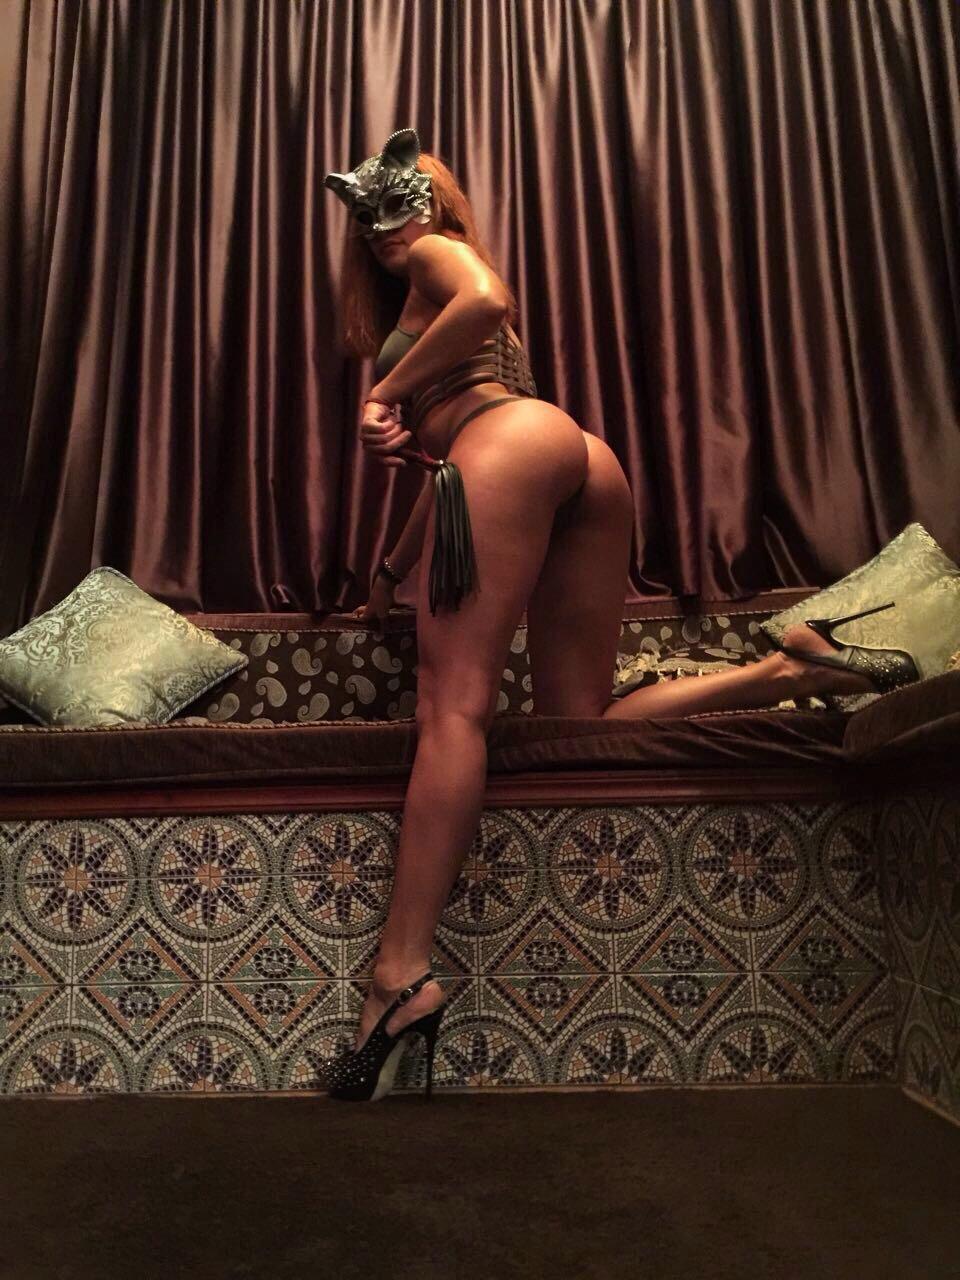 porno-chastnie-obyavleniya-eroticheskiy-massazh-v-spb-roliki-retro-tabu